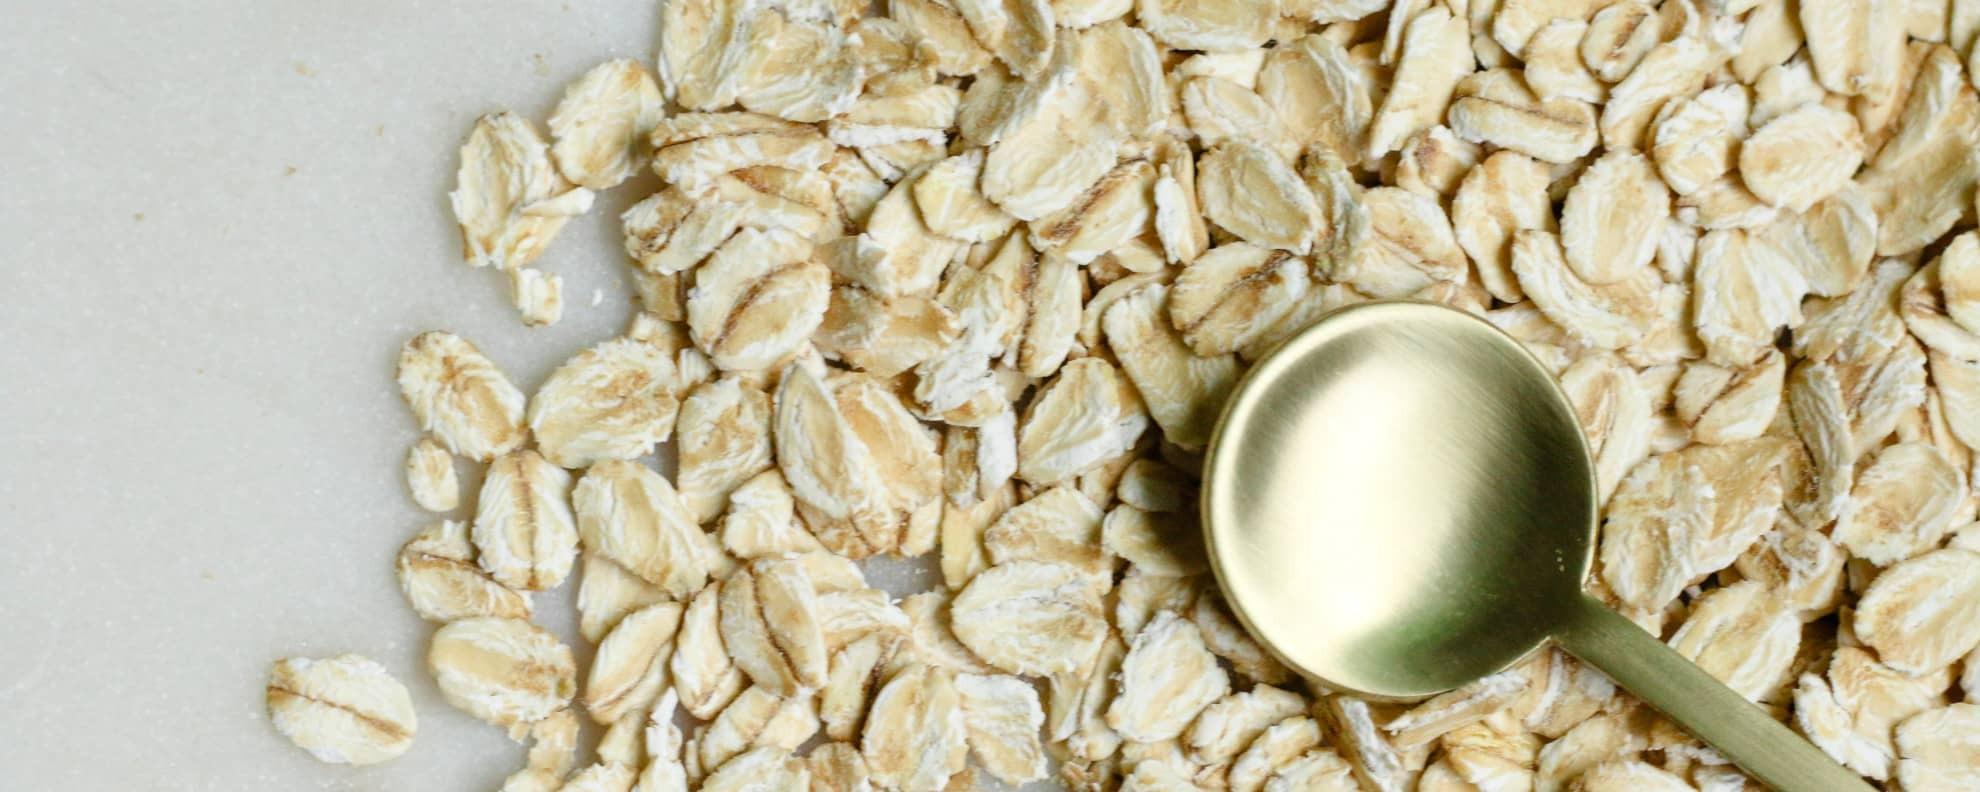 Gesunde Ernährung: Sind Haferflocken basisch?